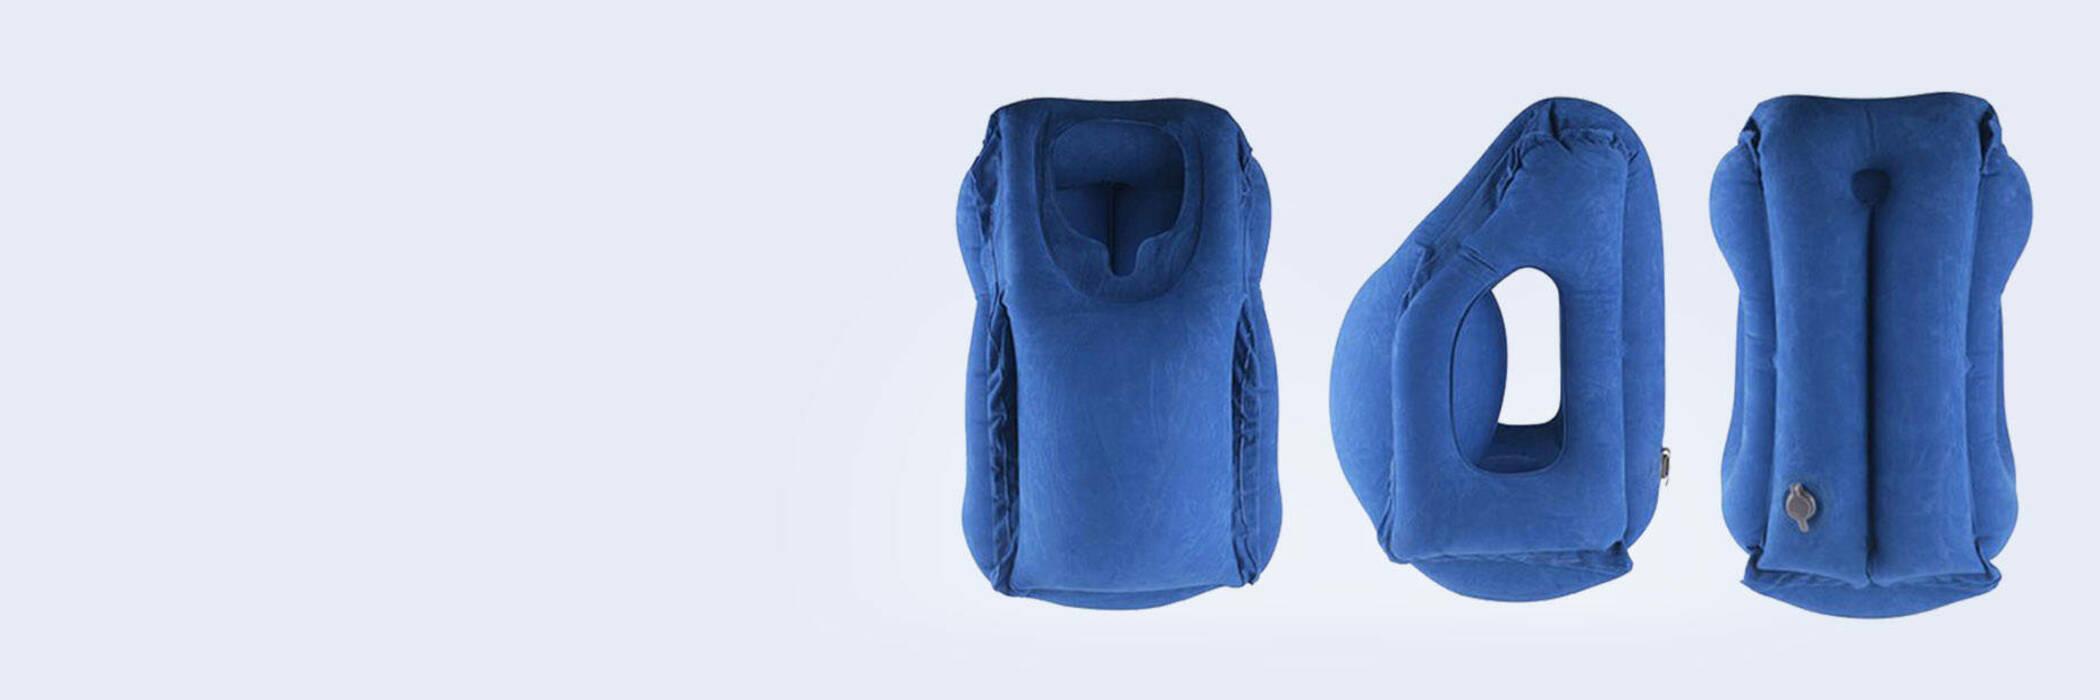 Blue Woollip travel pillow